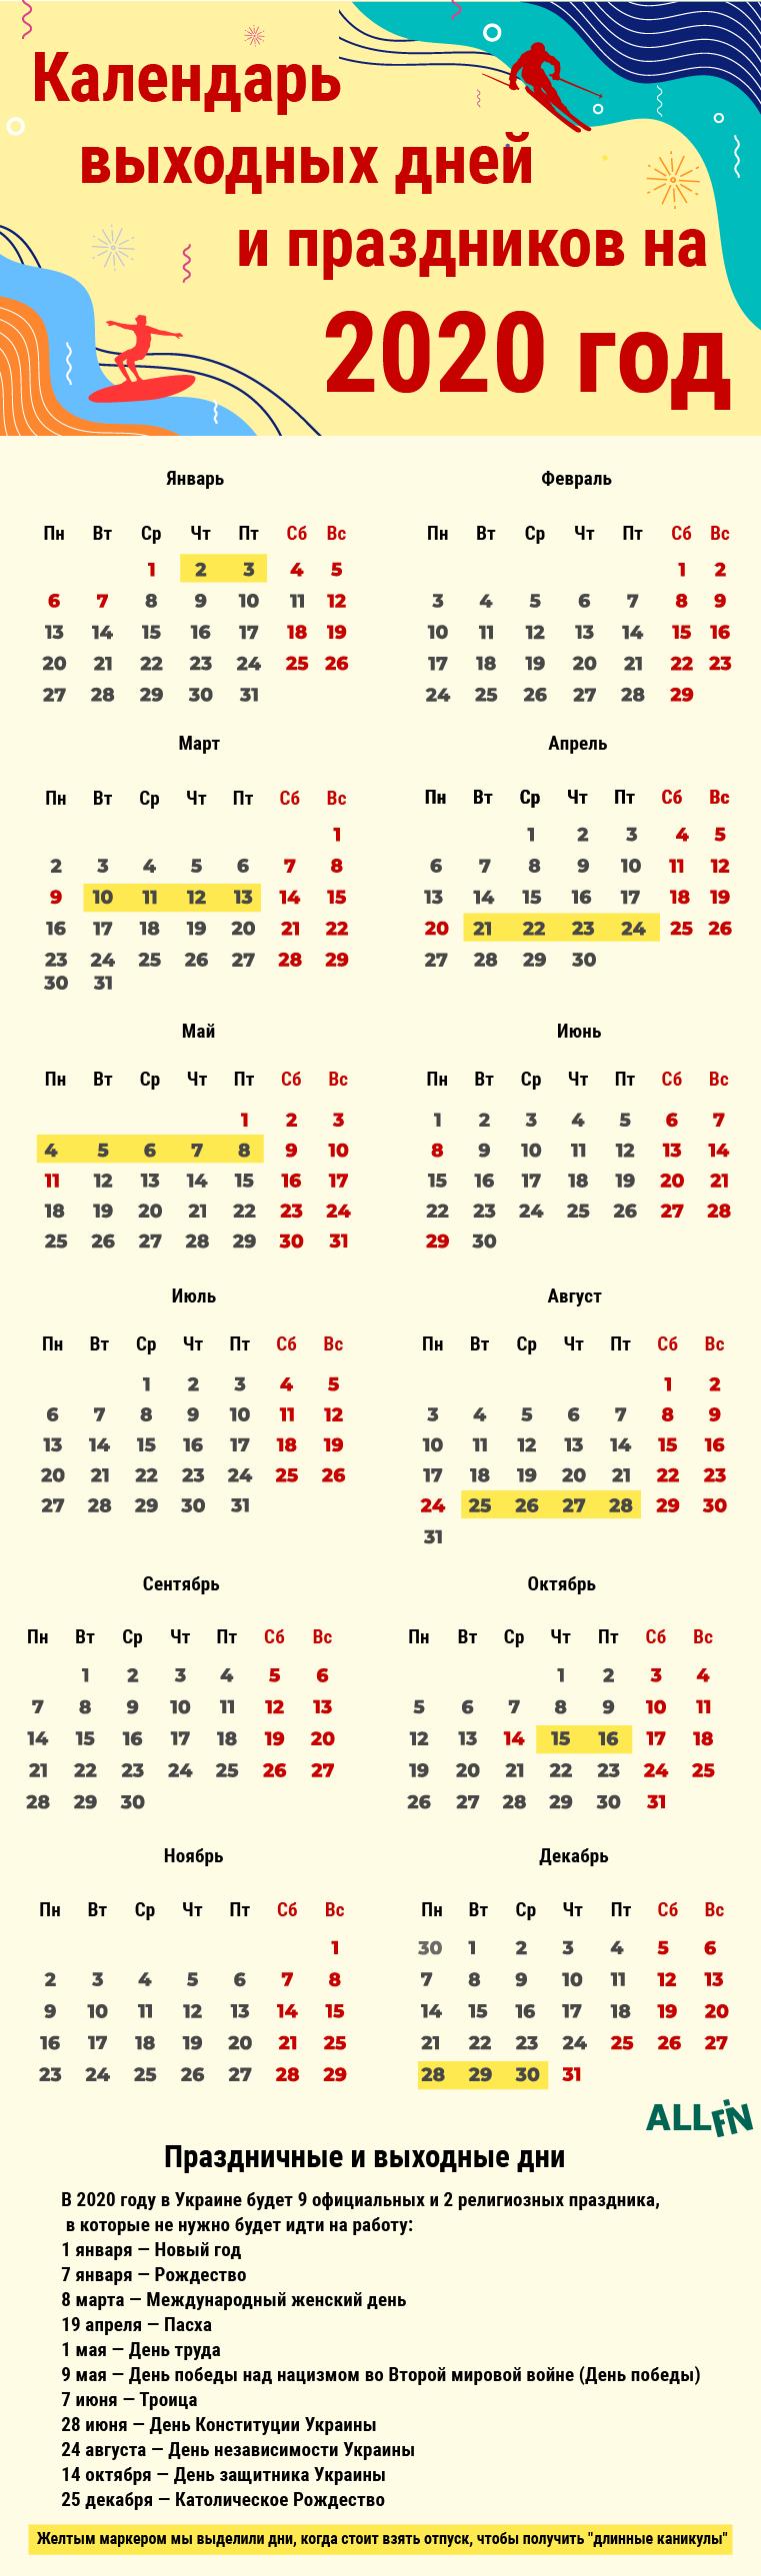 Как В 2020 Году Отдохнуть Больше Чем Положено По Календарю throughout Calendar 2020 Kuda